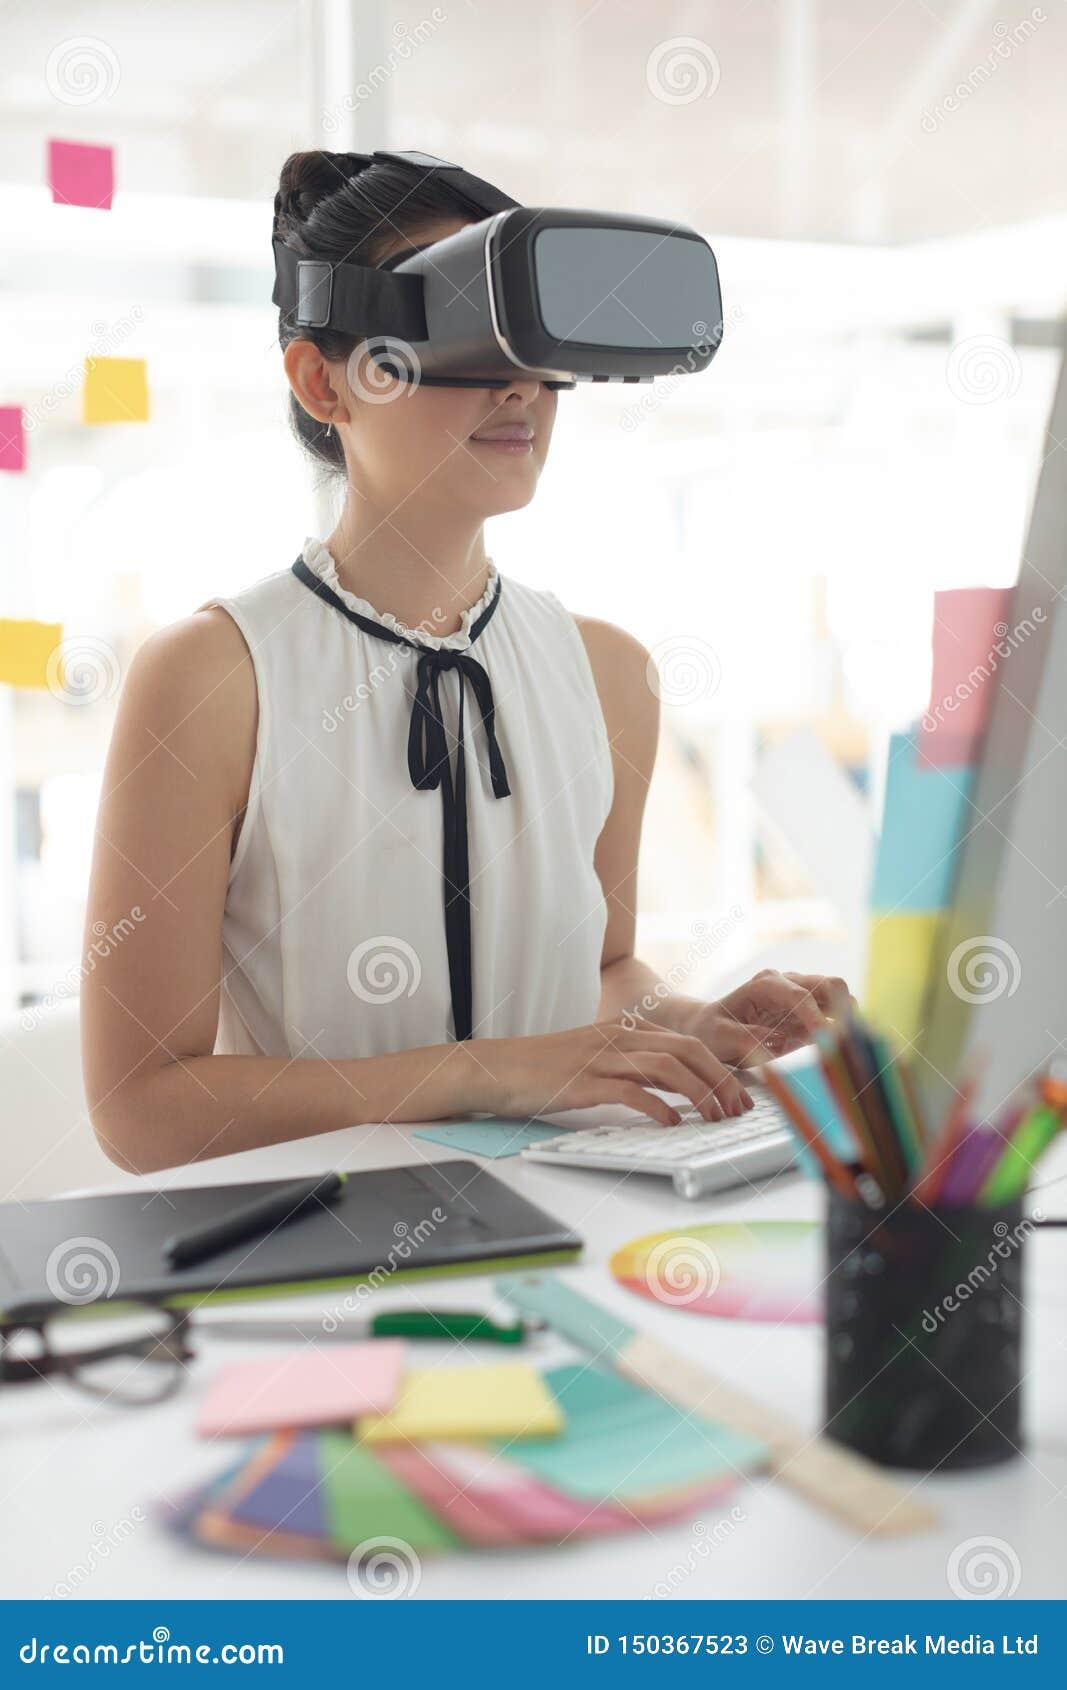 Grafico femminile che per mezzo della cuffia avricolare di realtà virtuale mentre lavorando al computer allo scrittorio